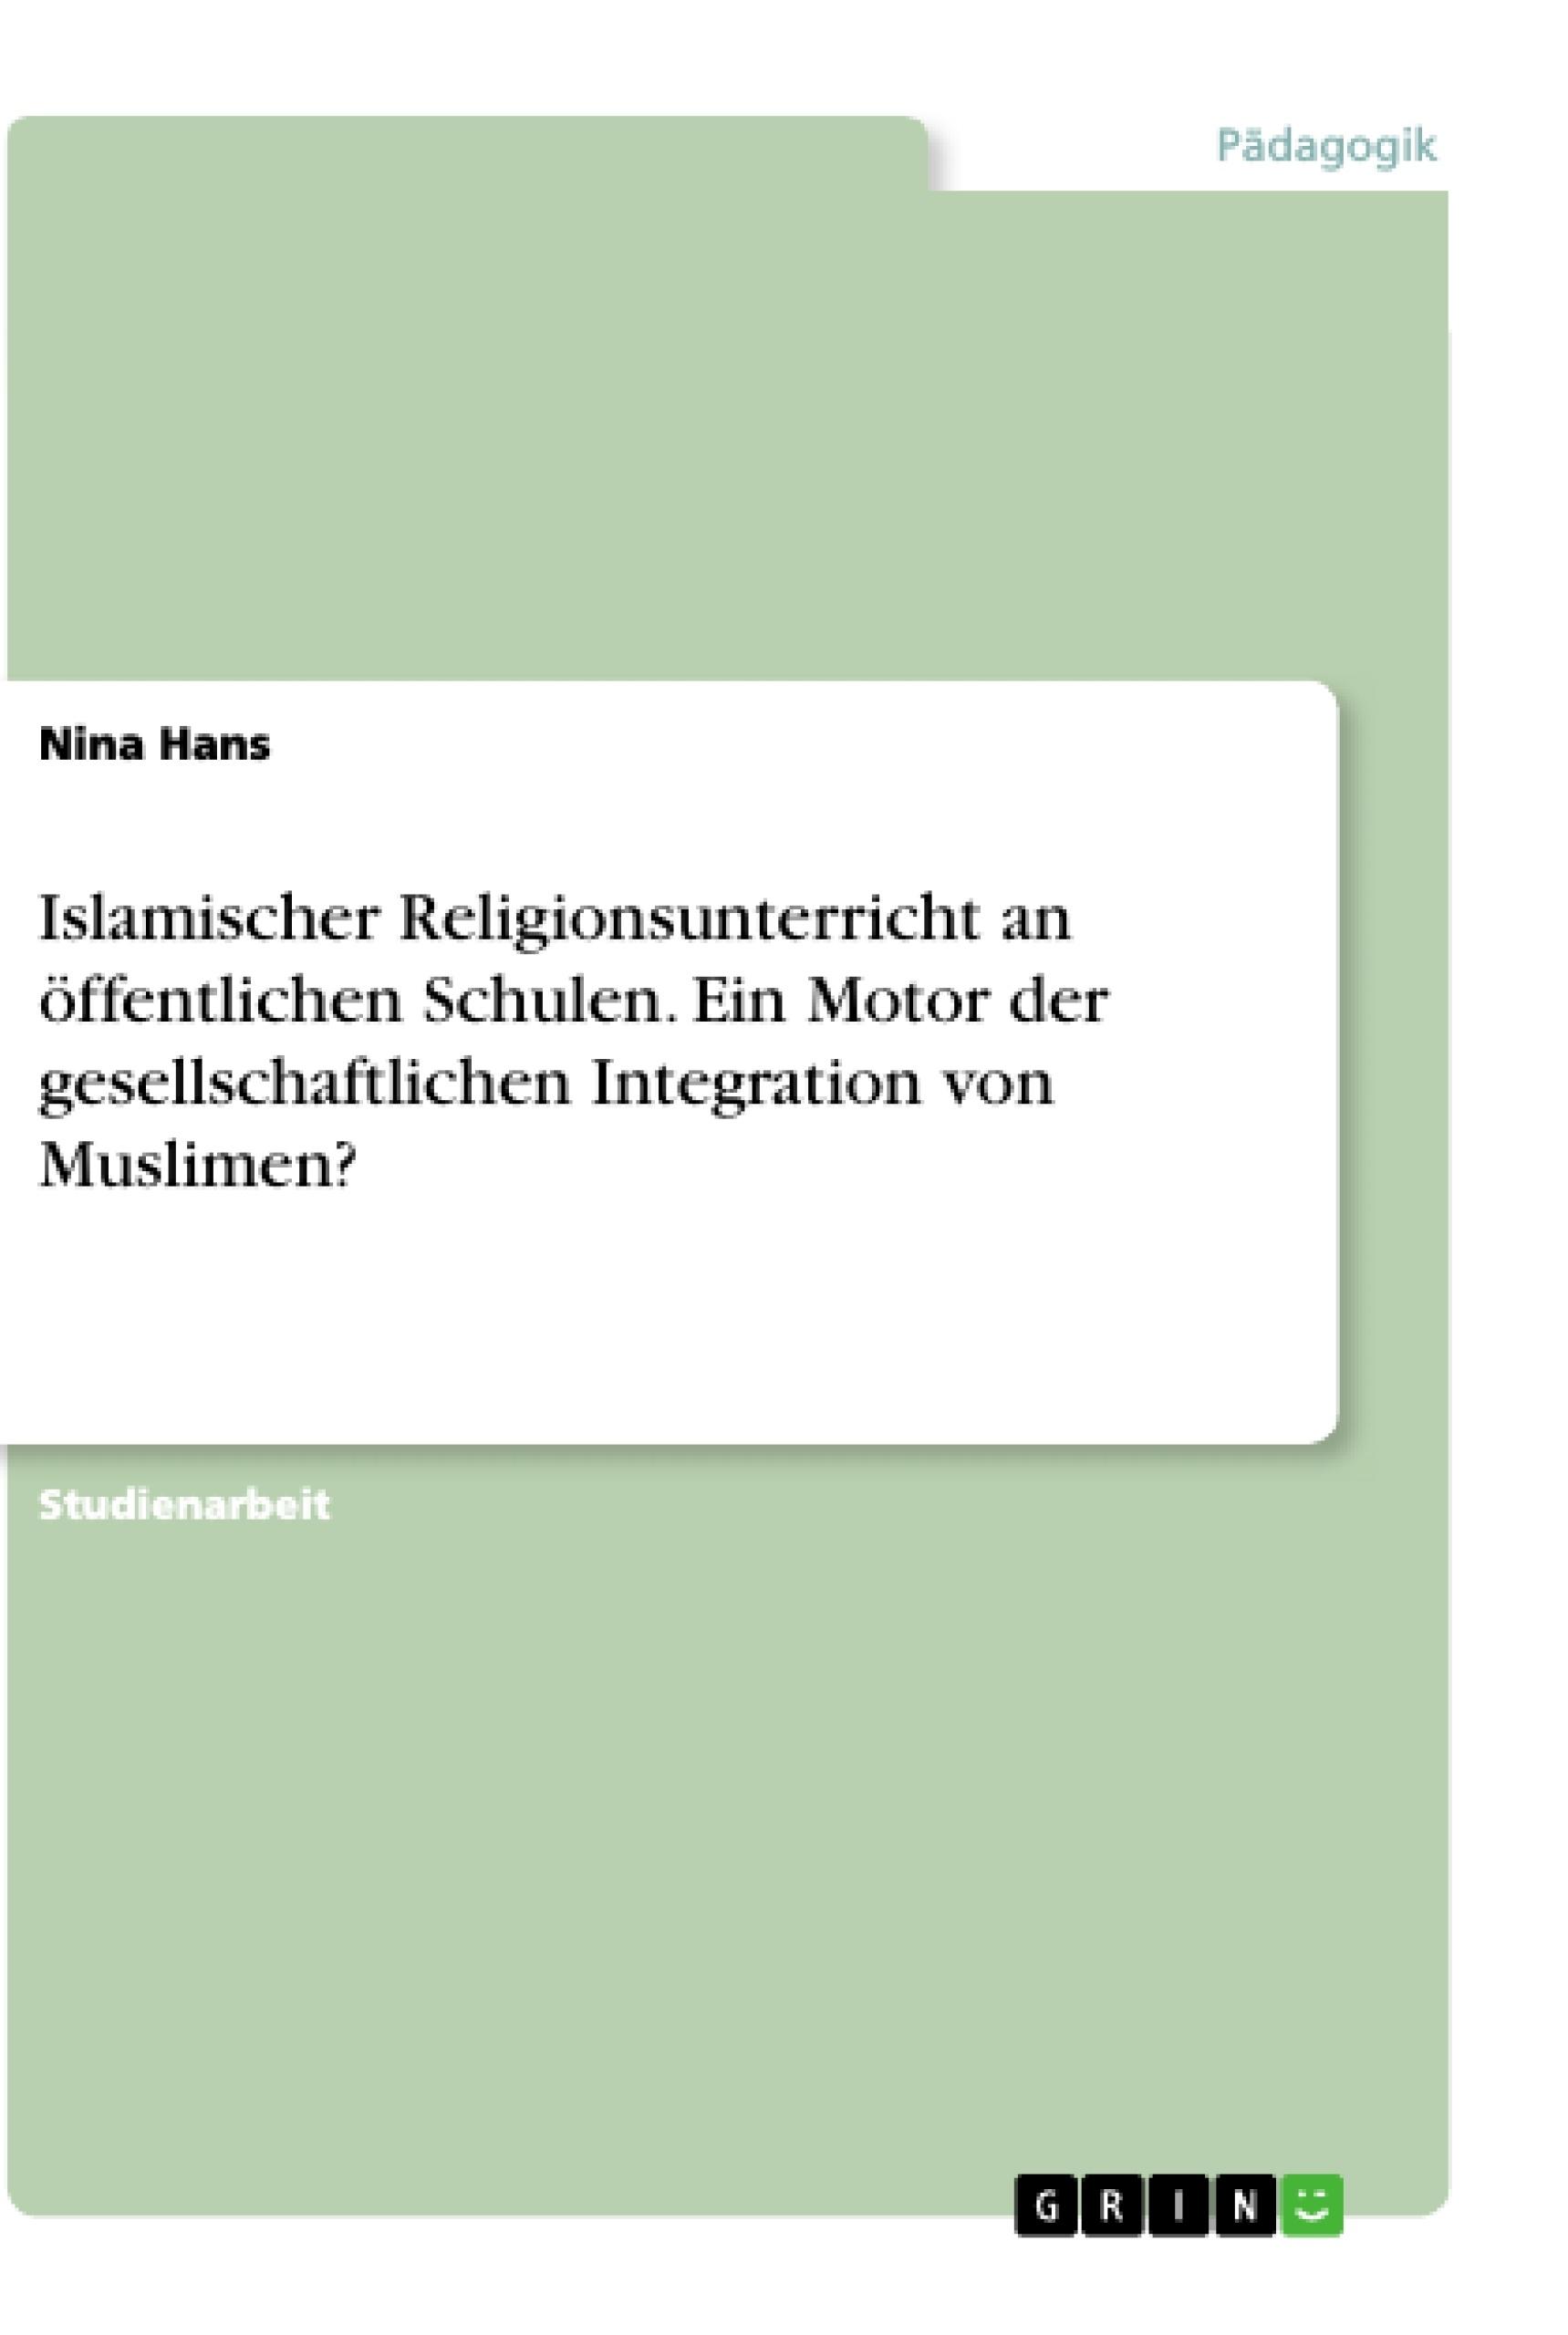 Titel: Islamischer Religionsunterricht an öffentlichen Schulen. Ein Motor der gesellschaftlichen Integration von Muslimen?